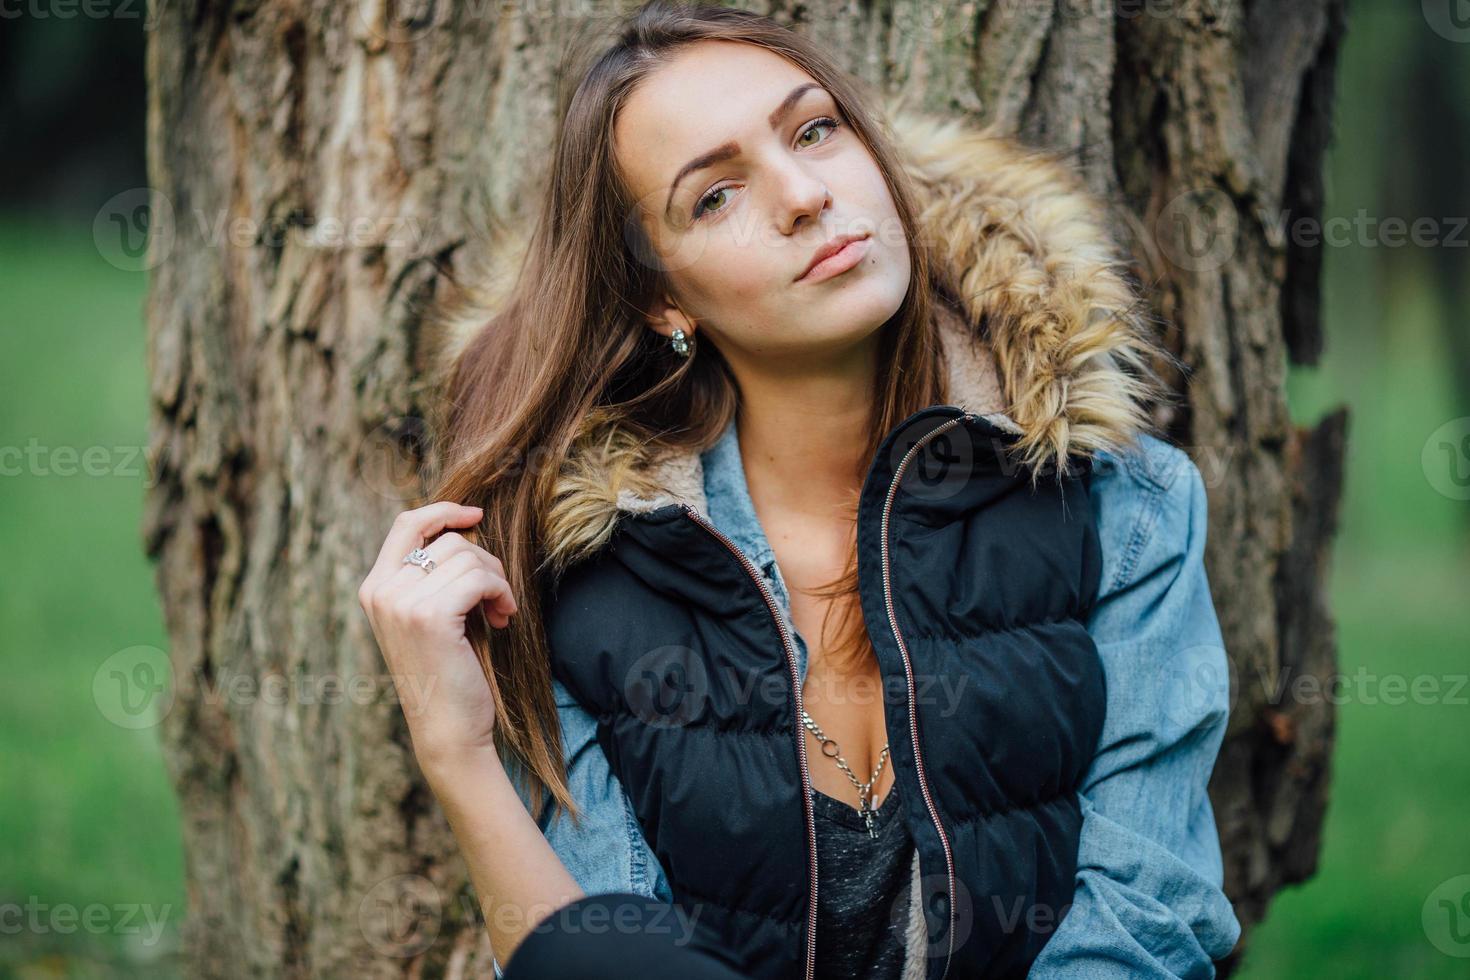 junges hübsches Mädchen, das nahe dem Baum steht. foto